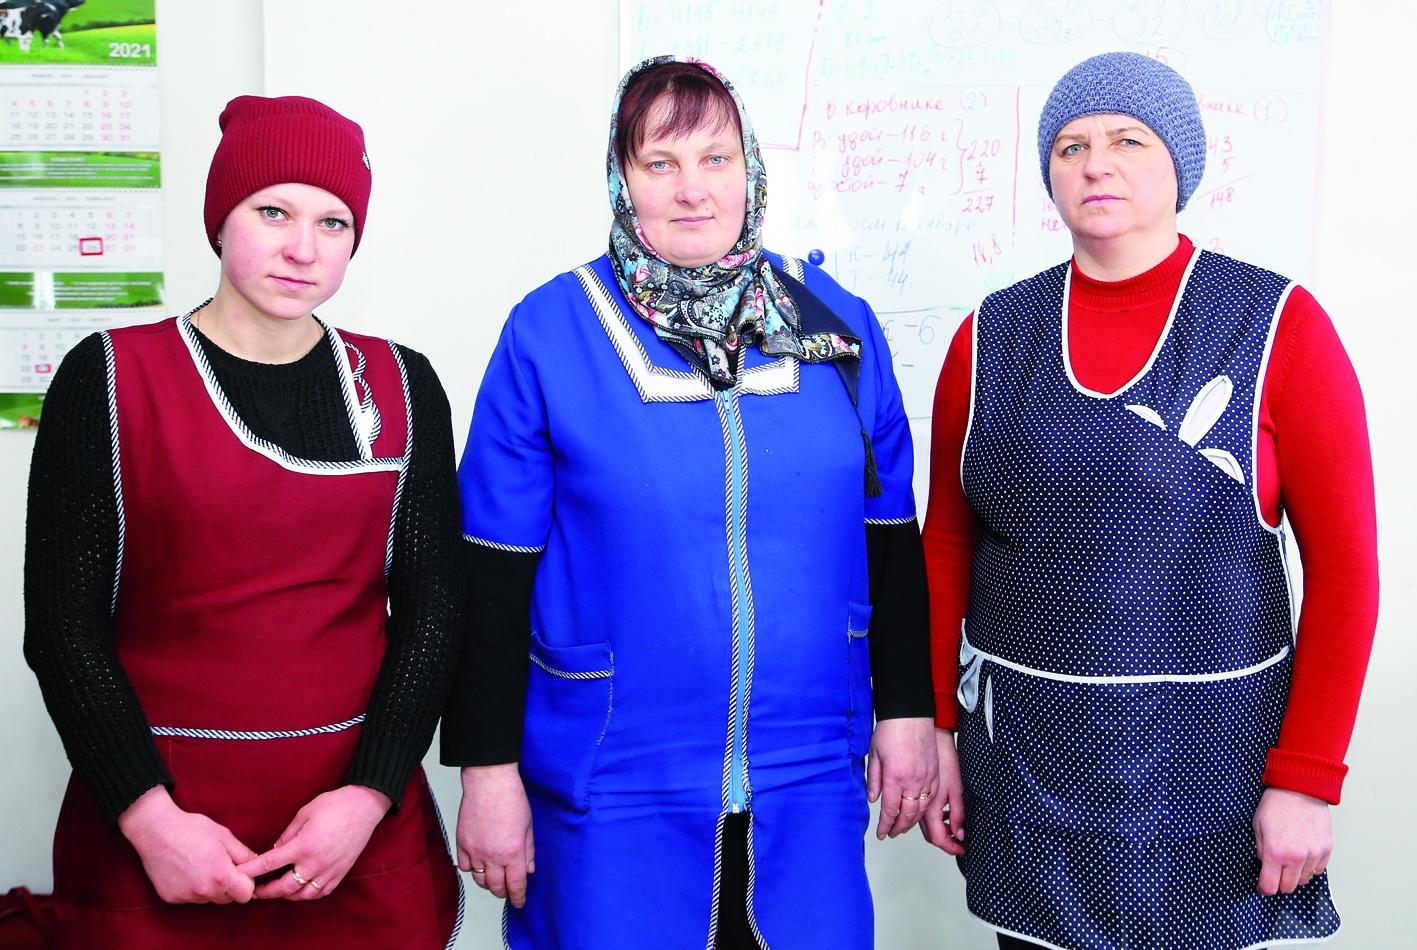 МАПО «Восток» ведет реорганизацию животноводства. Особая роль в ней принадлежит женщинам